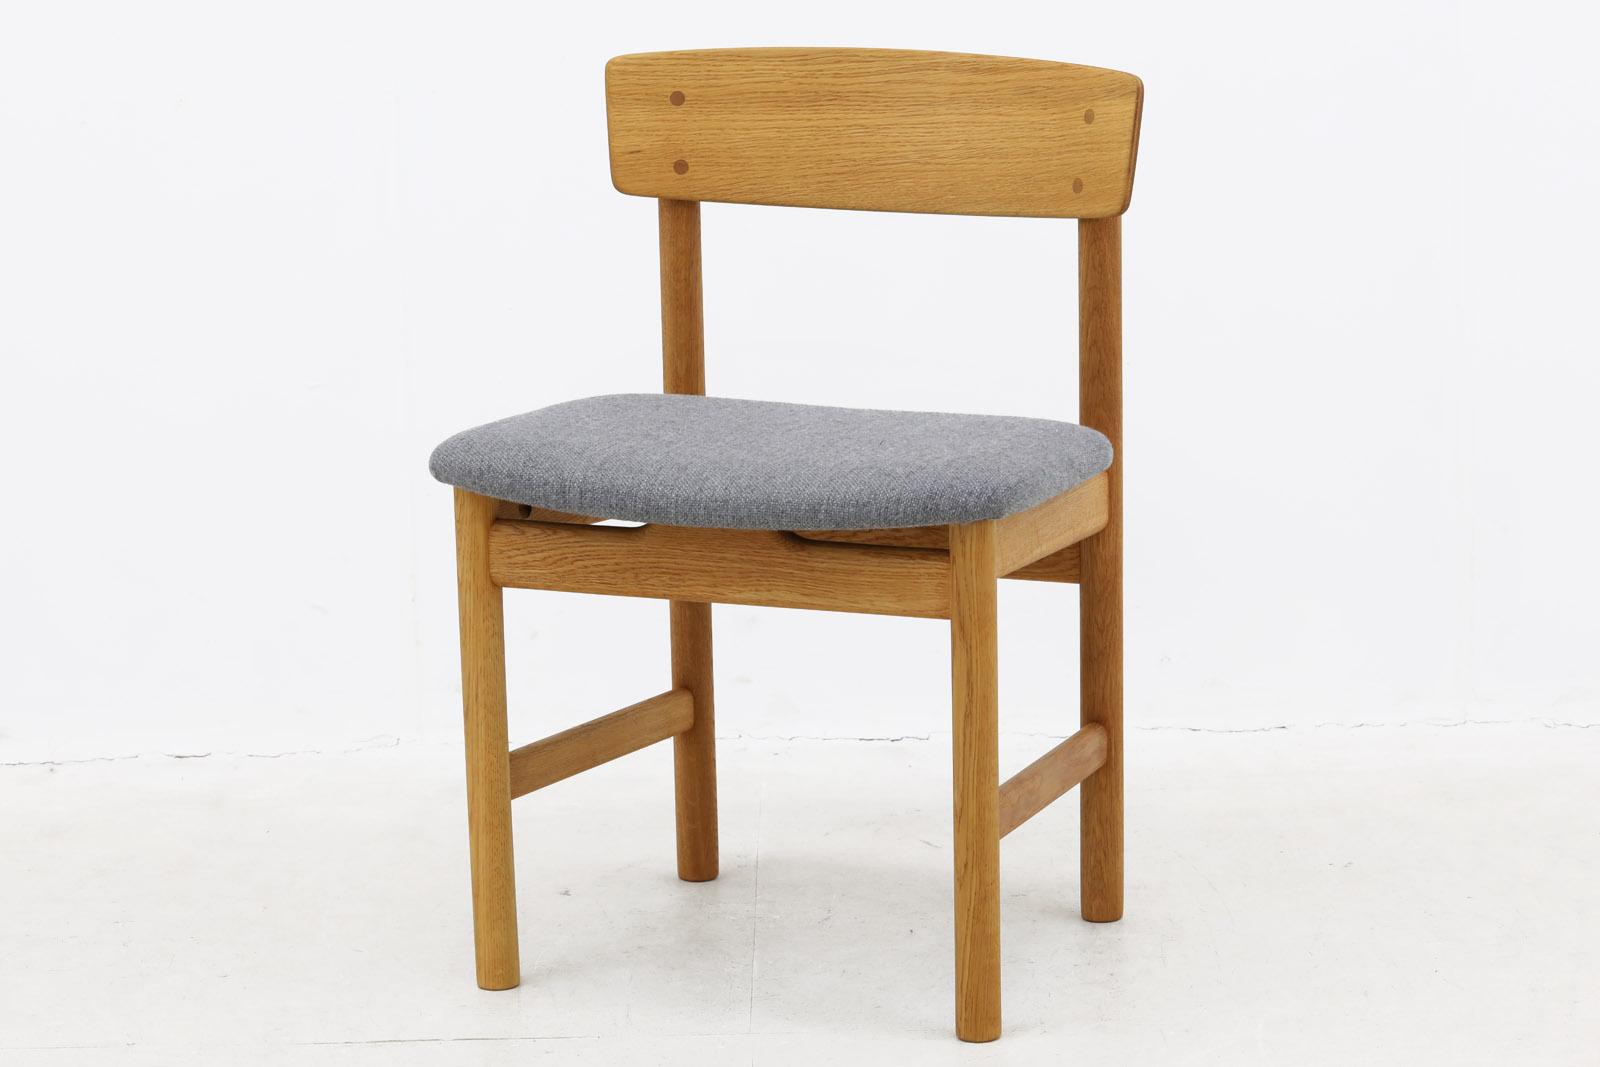 【送料無料】 デンマーク製 Borge Mogensen(ボーエ・モーエンセン) Model 3236 チェア オーク材【アンティーク 木製椅子 デスクチェア 北欧インテリア おしゃれ ナチュラル】